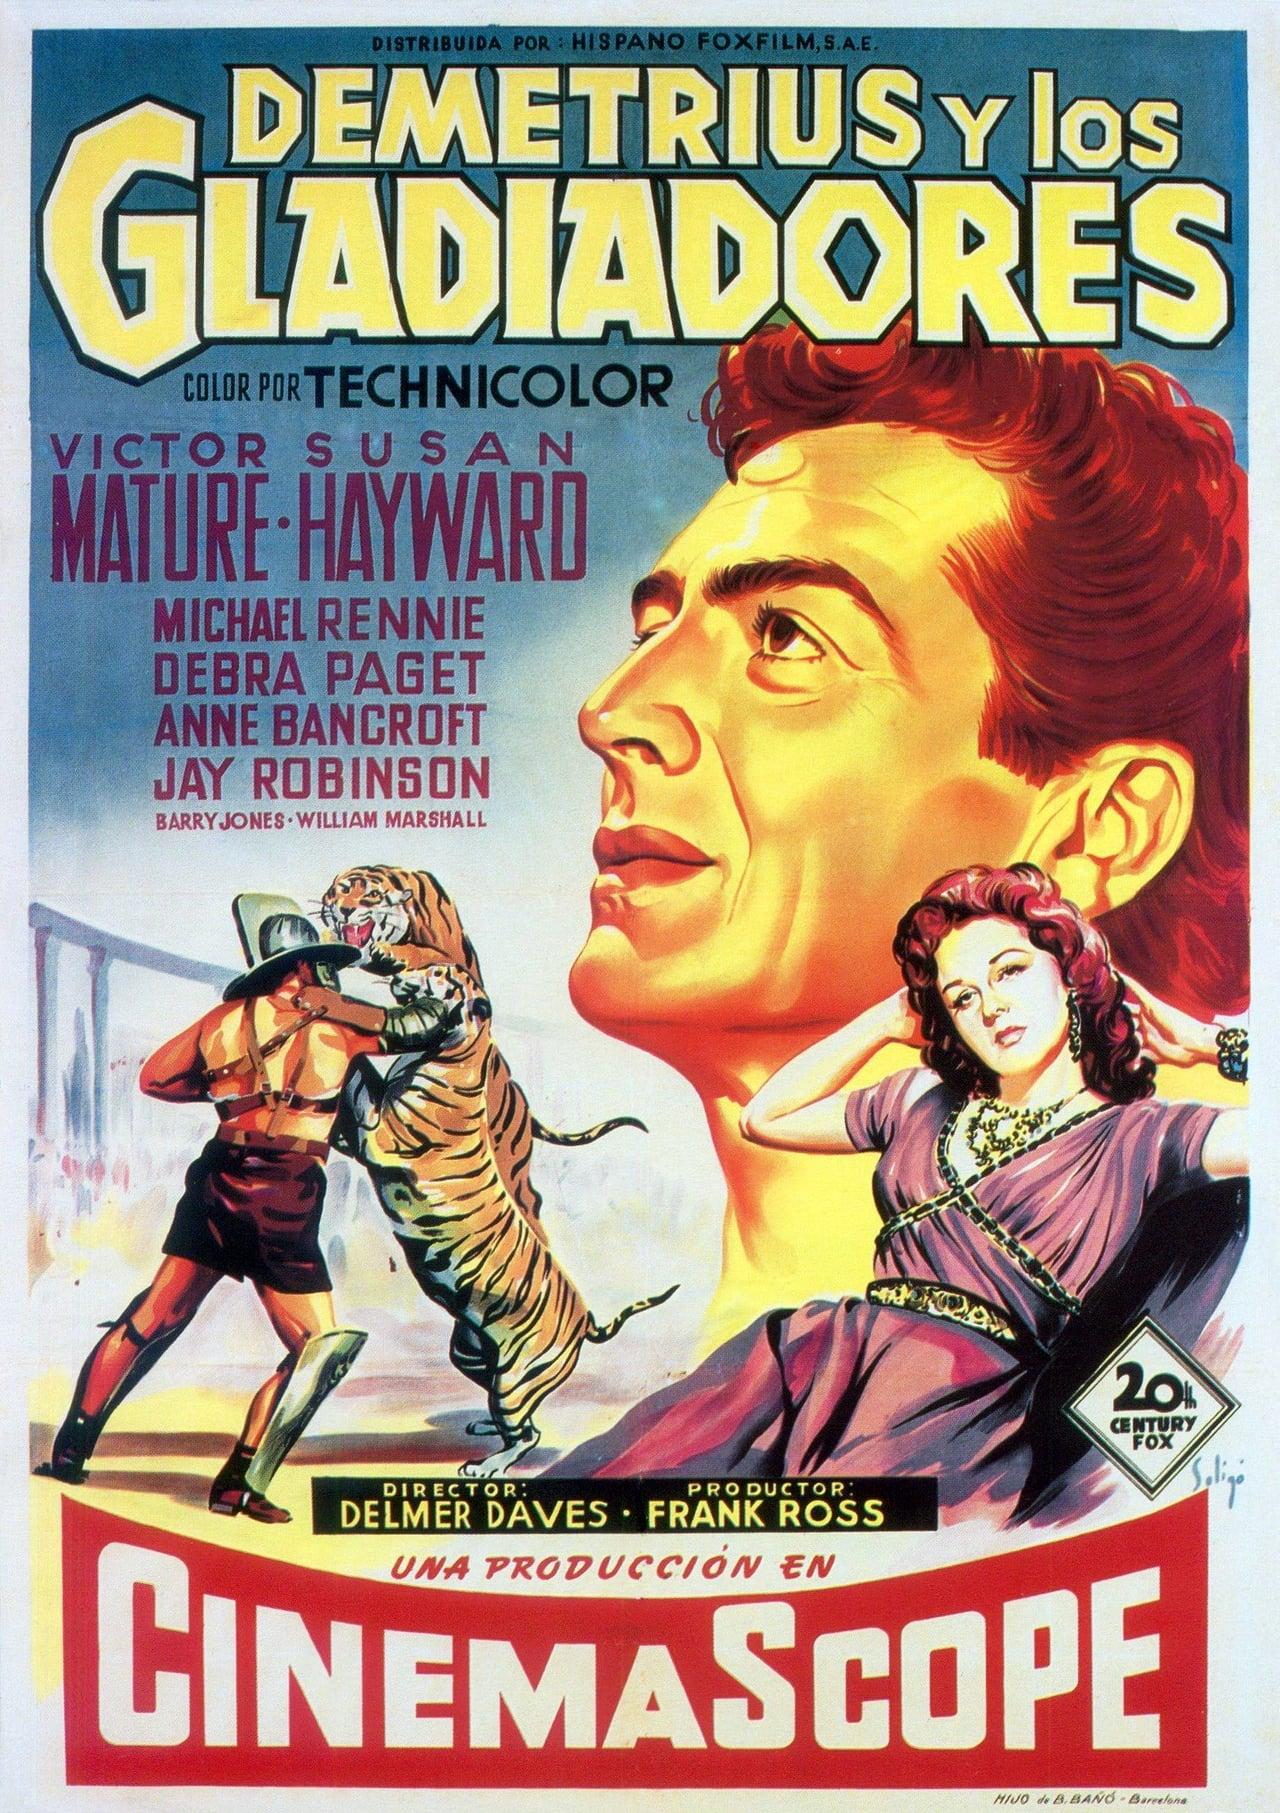 Ver Demetrius Y Los Gladiadores 1954 Online Latino Hd Pelisplus